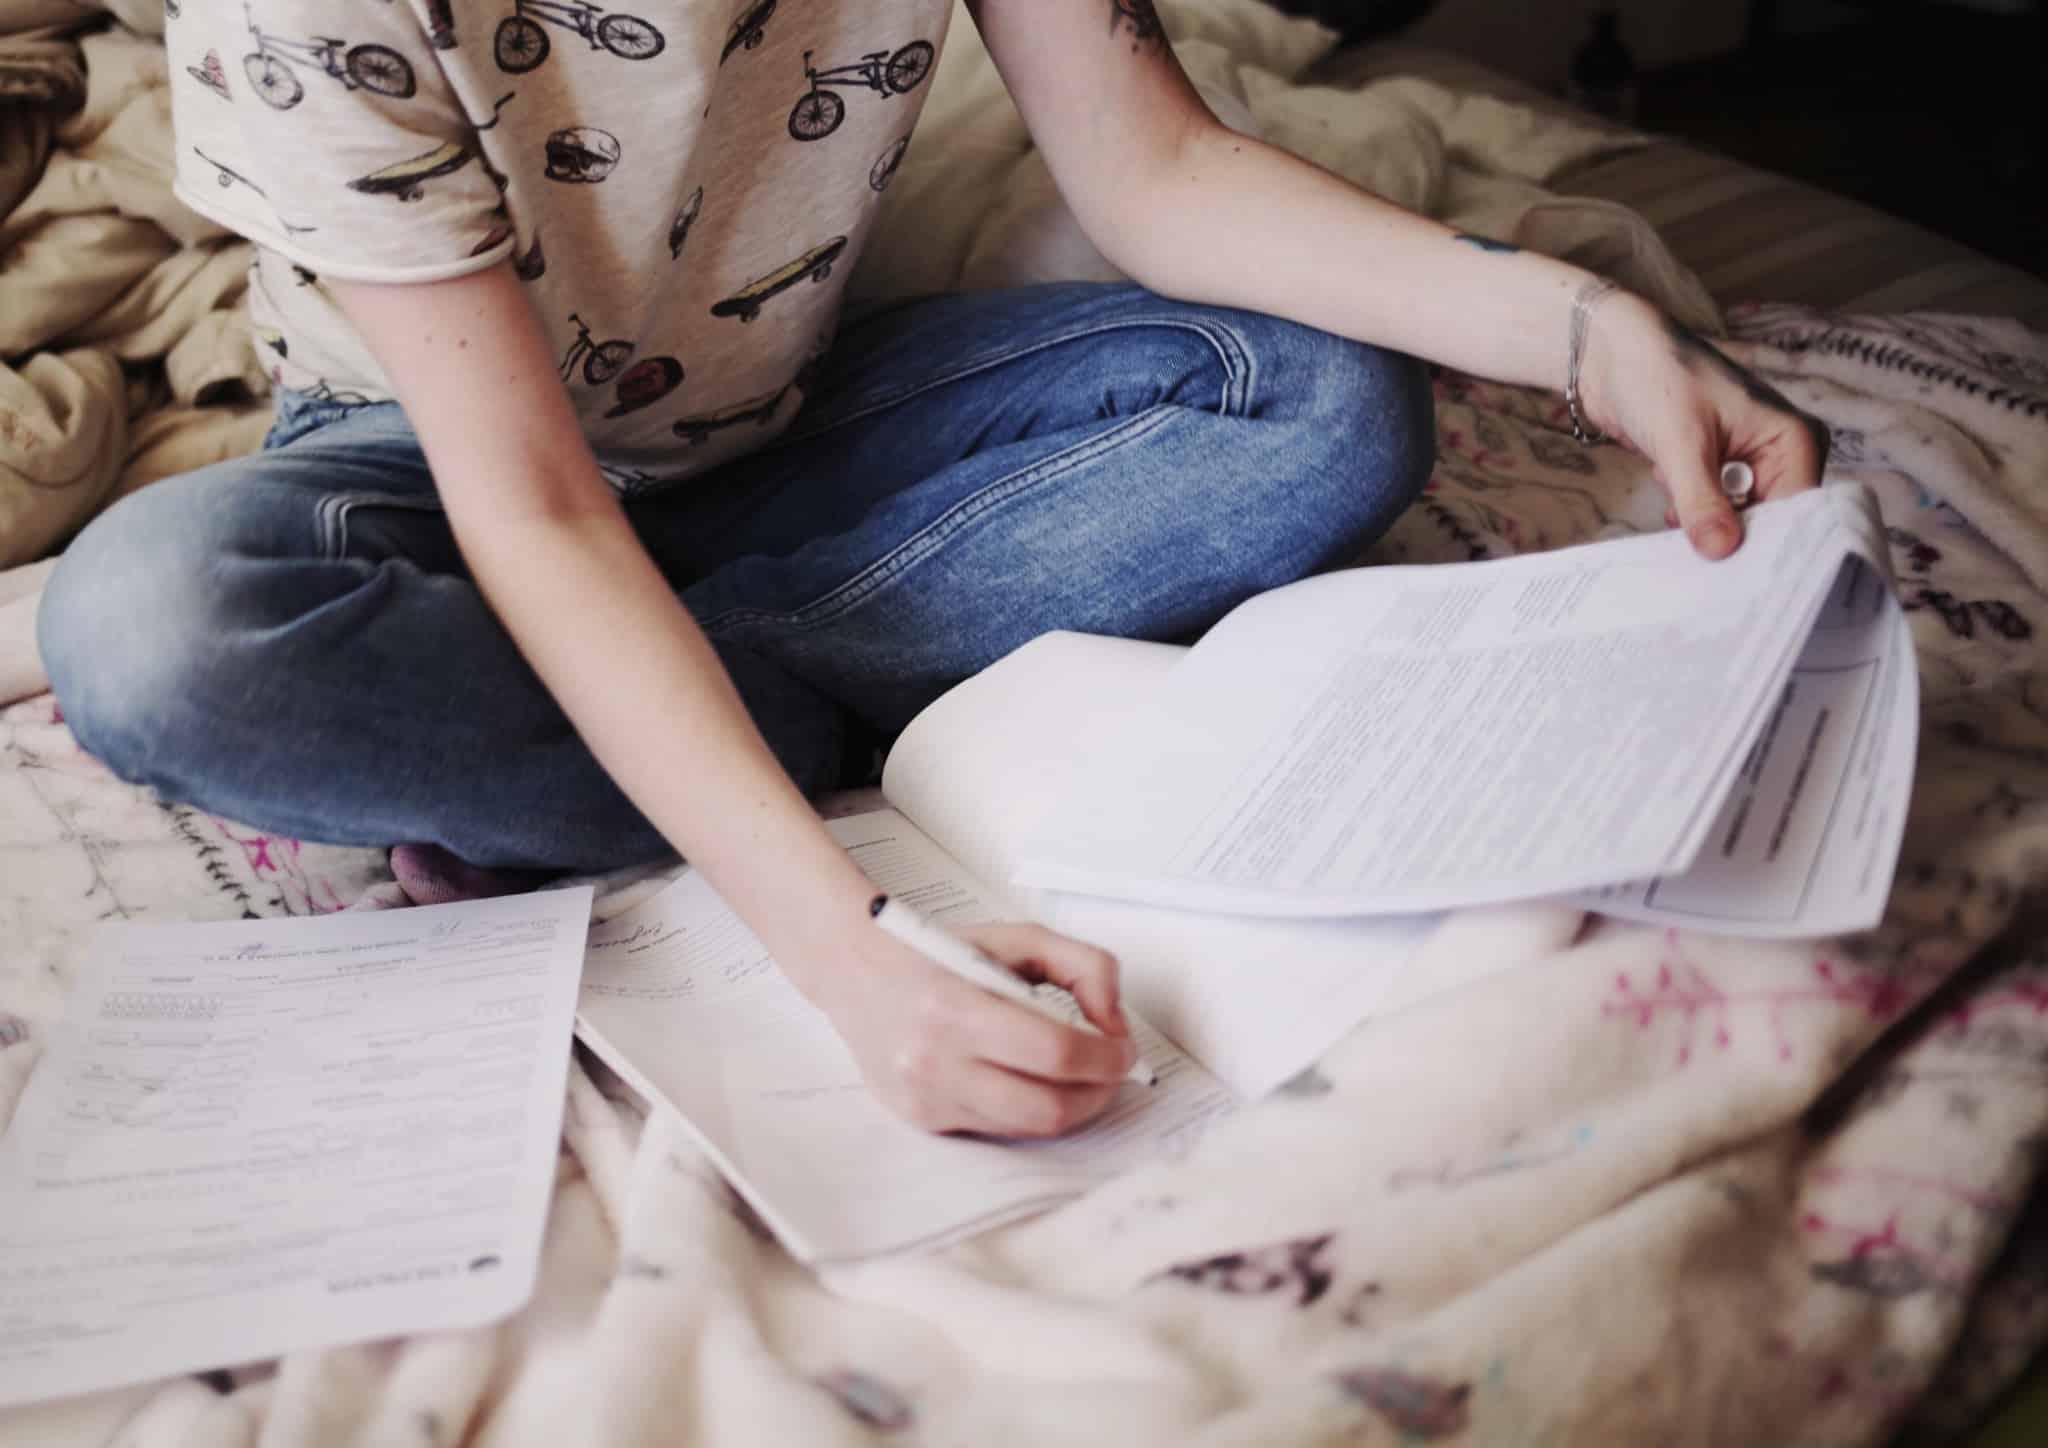 rapariga sentada na cama a escrever num papel